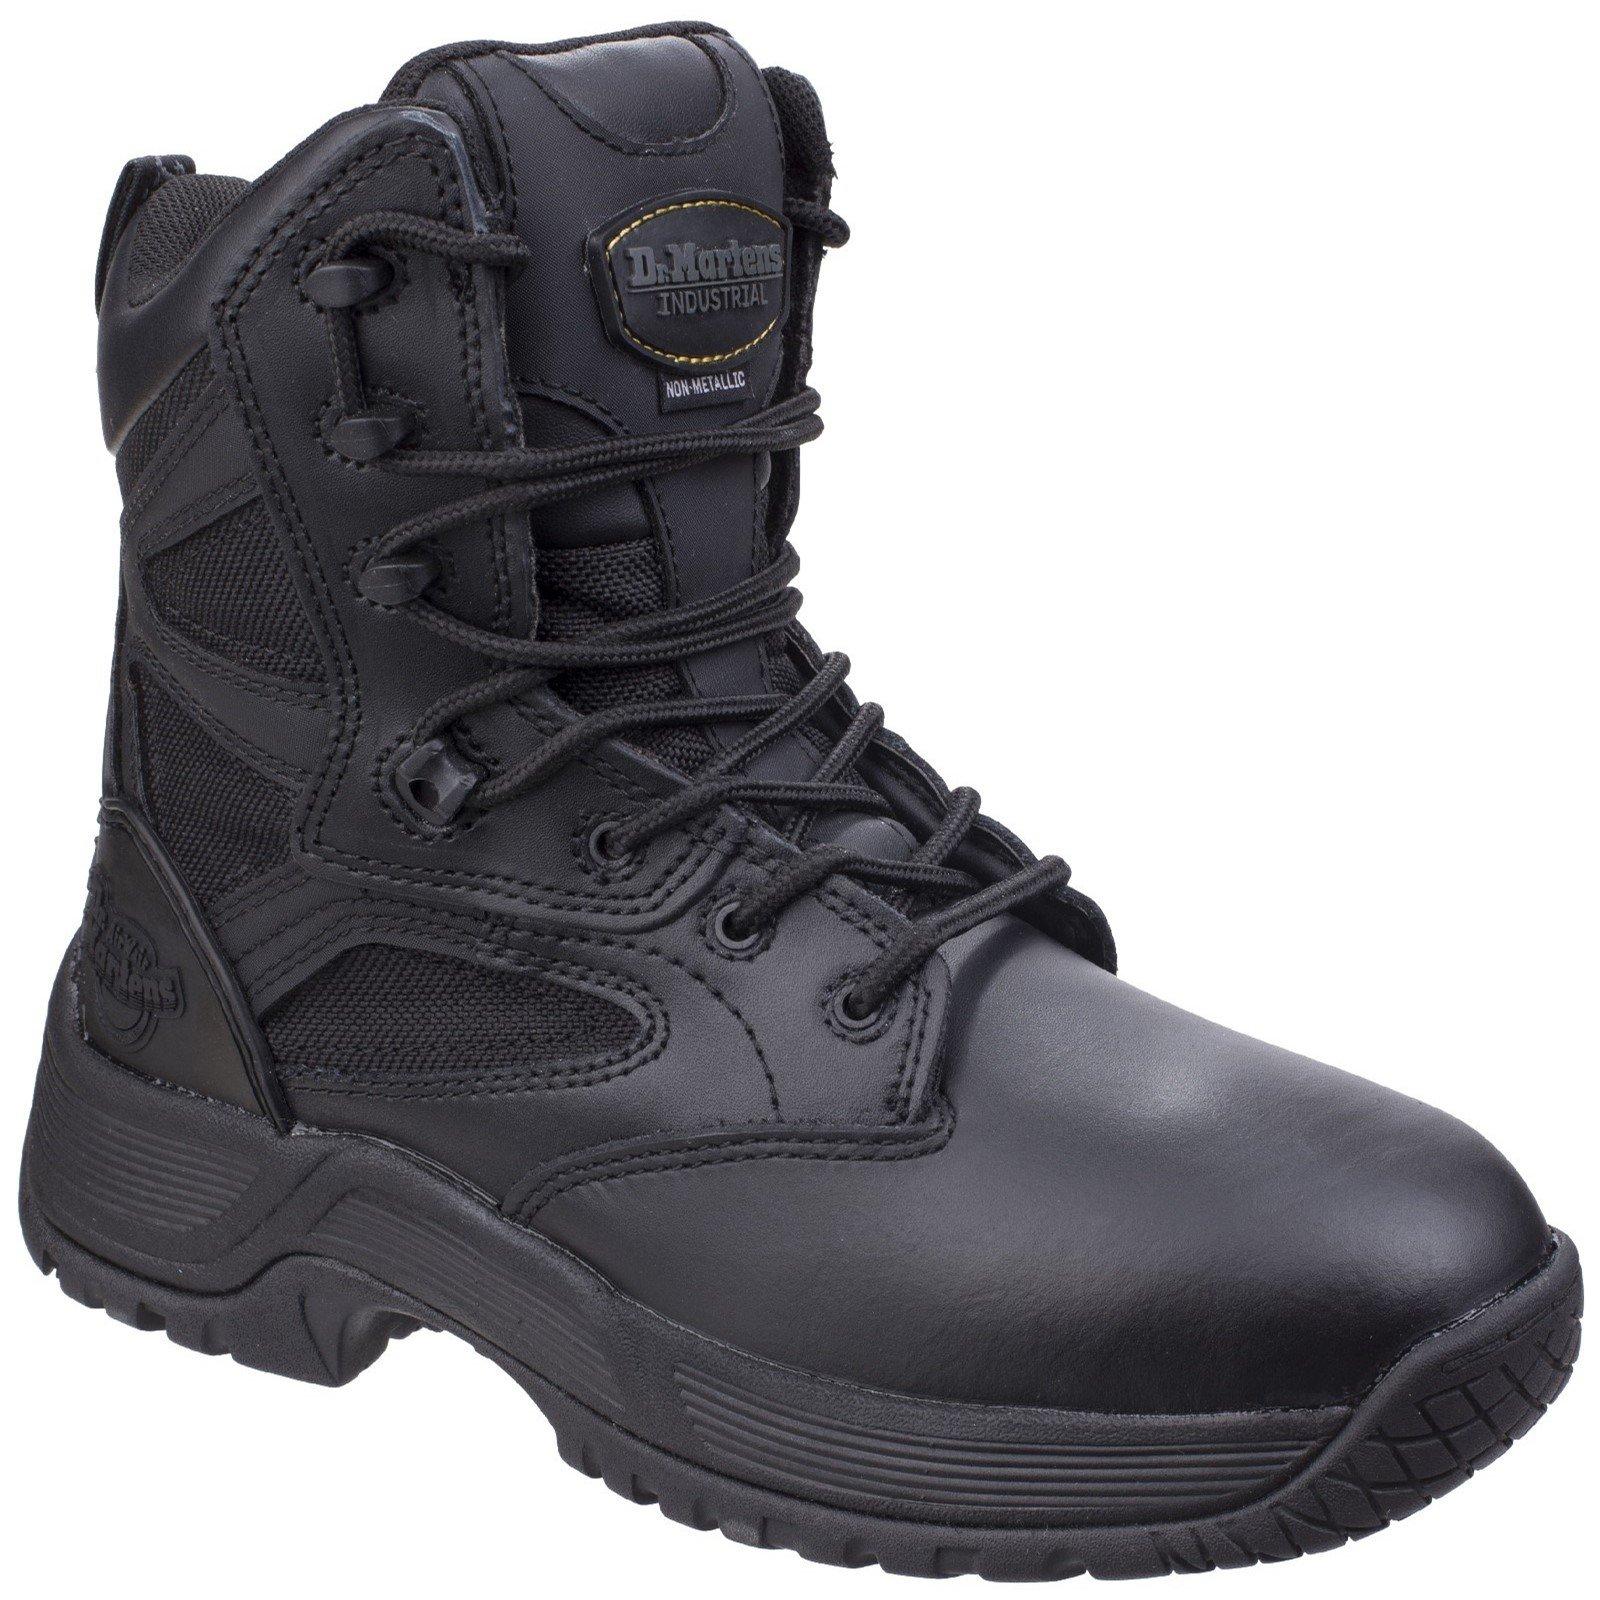 Dr Martens Unisex Skelton Service Boot Black 26028 - Black 10